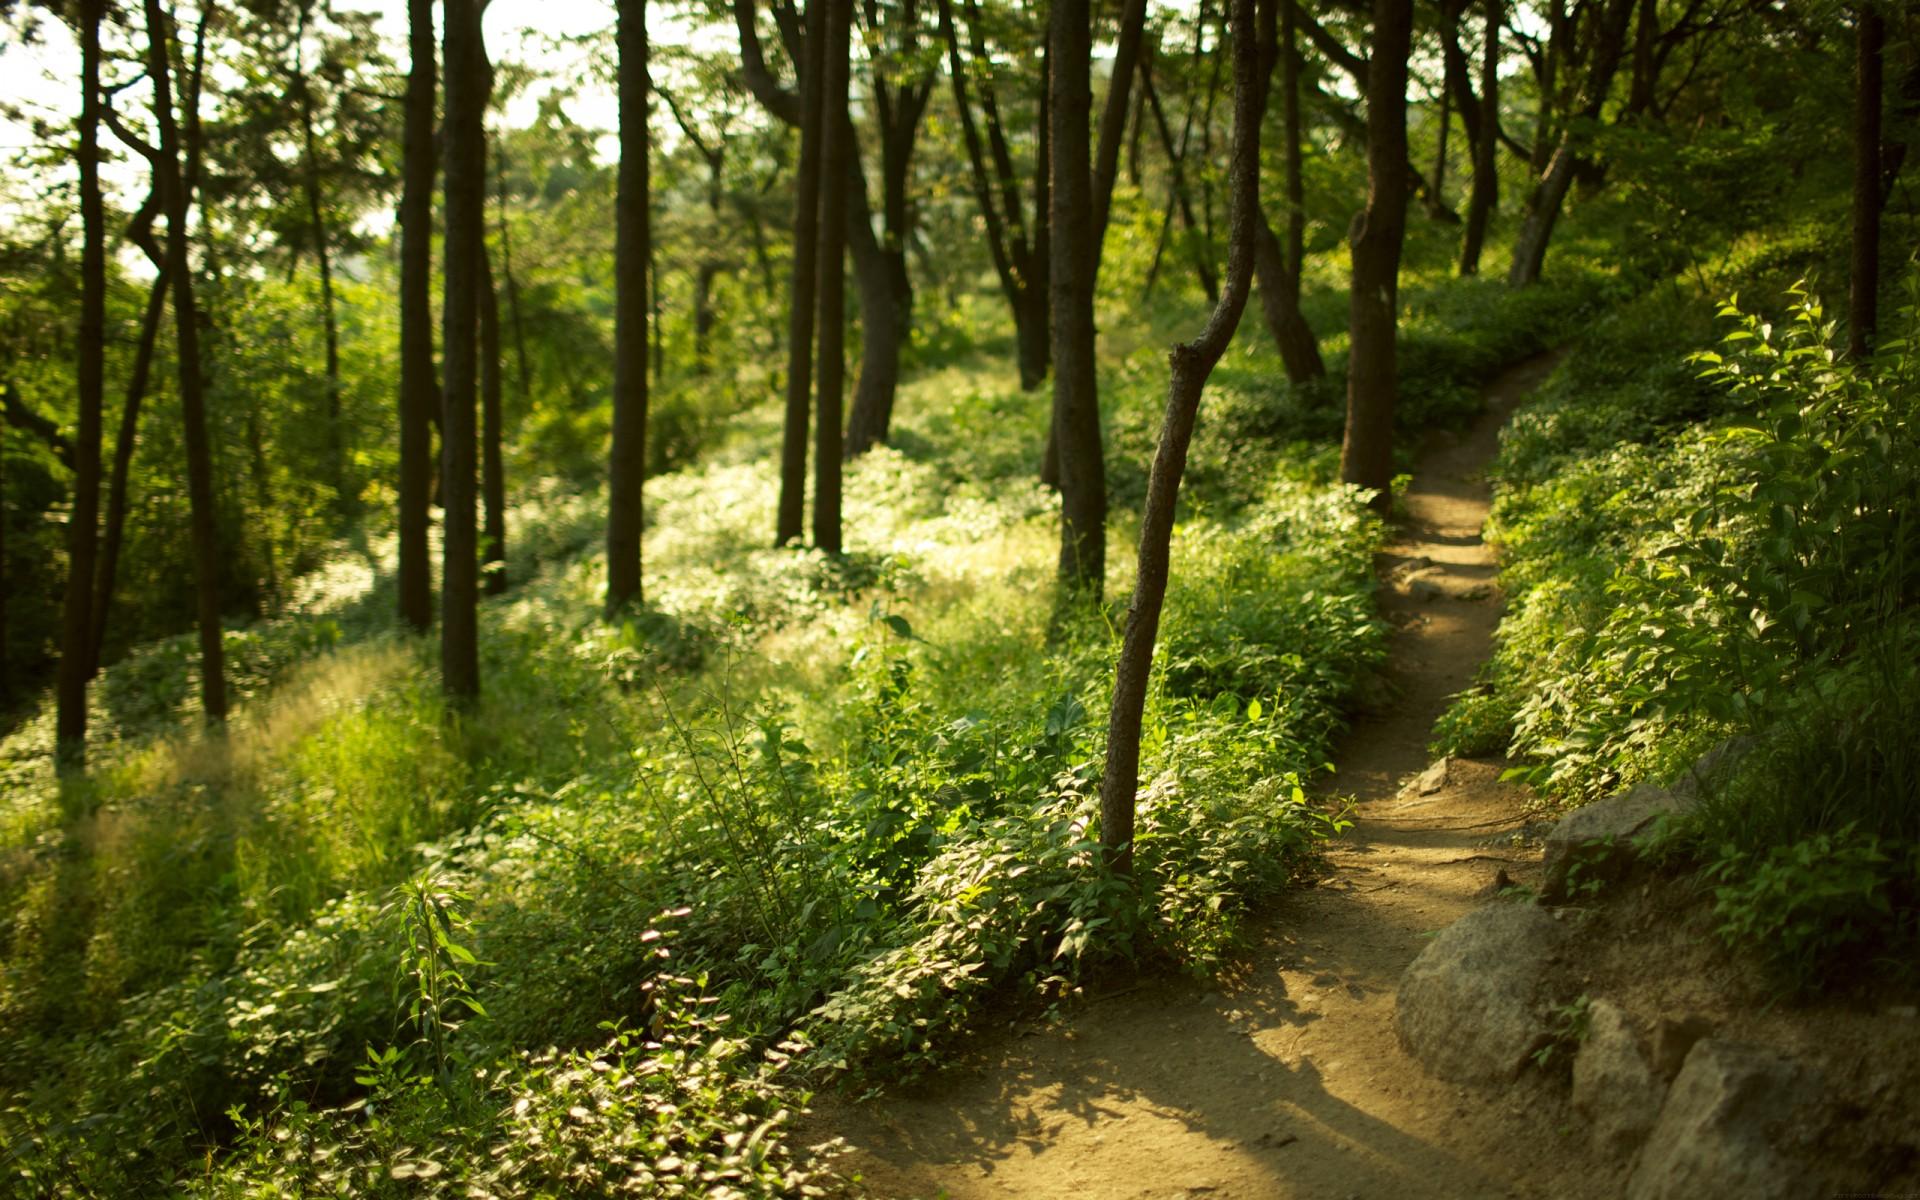 Forest trees grass path blur focus wallpaper  1920x1200  83972  WallpaperUP